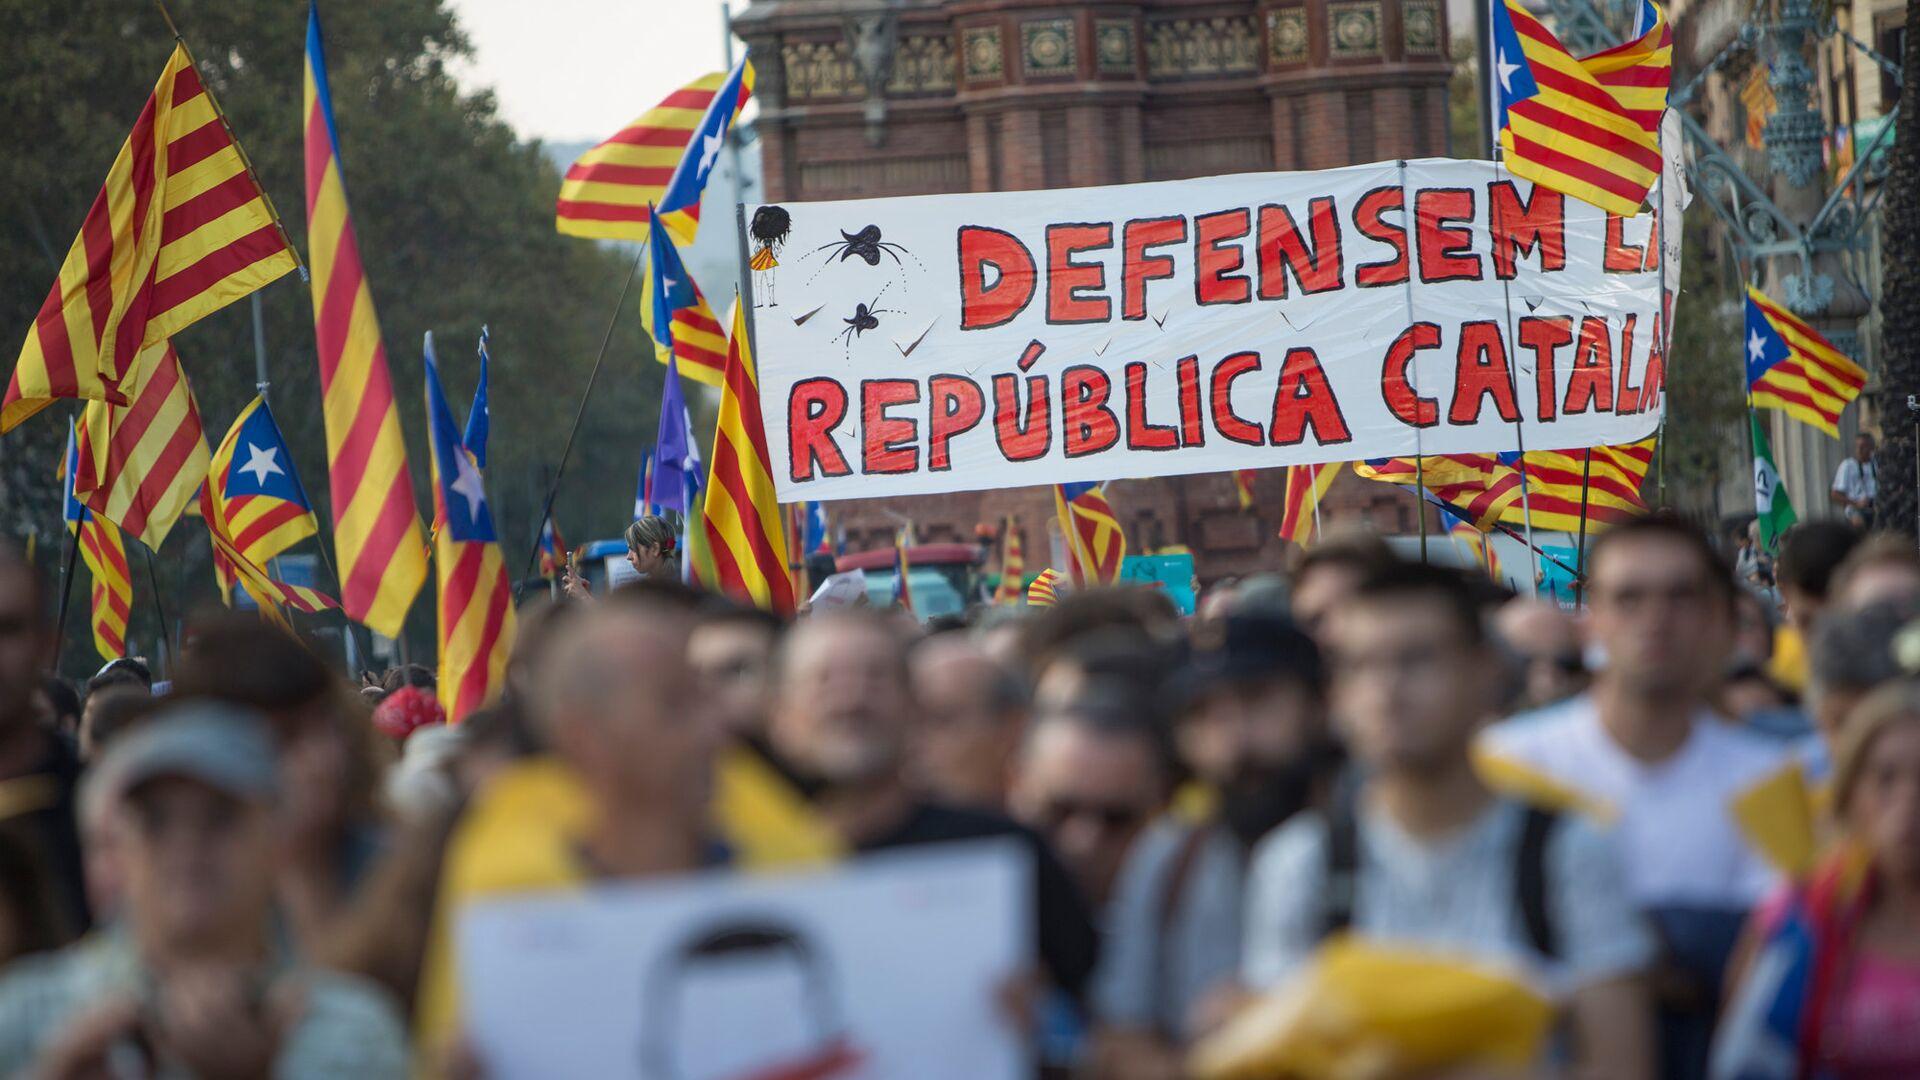 Жители Барселоны в ожидании оглашения парламентом итогов референдума о независимости Каталонии - РИА Новости, 1920, 09.09.2021